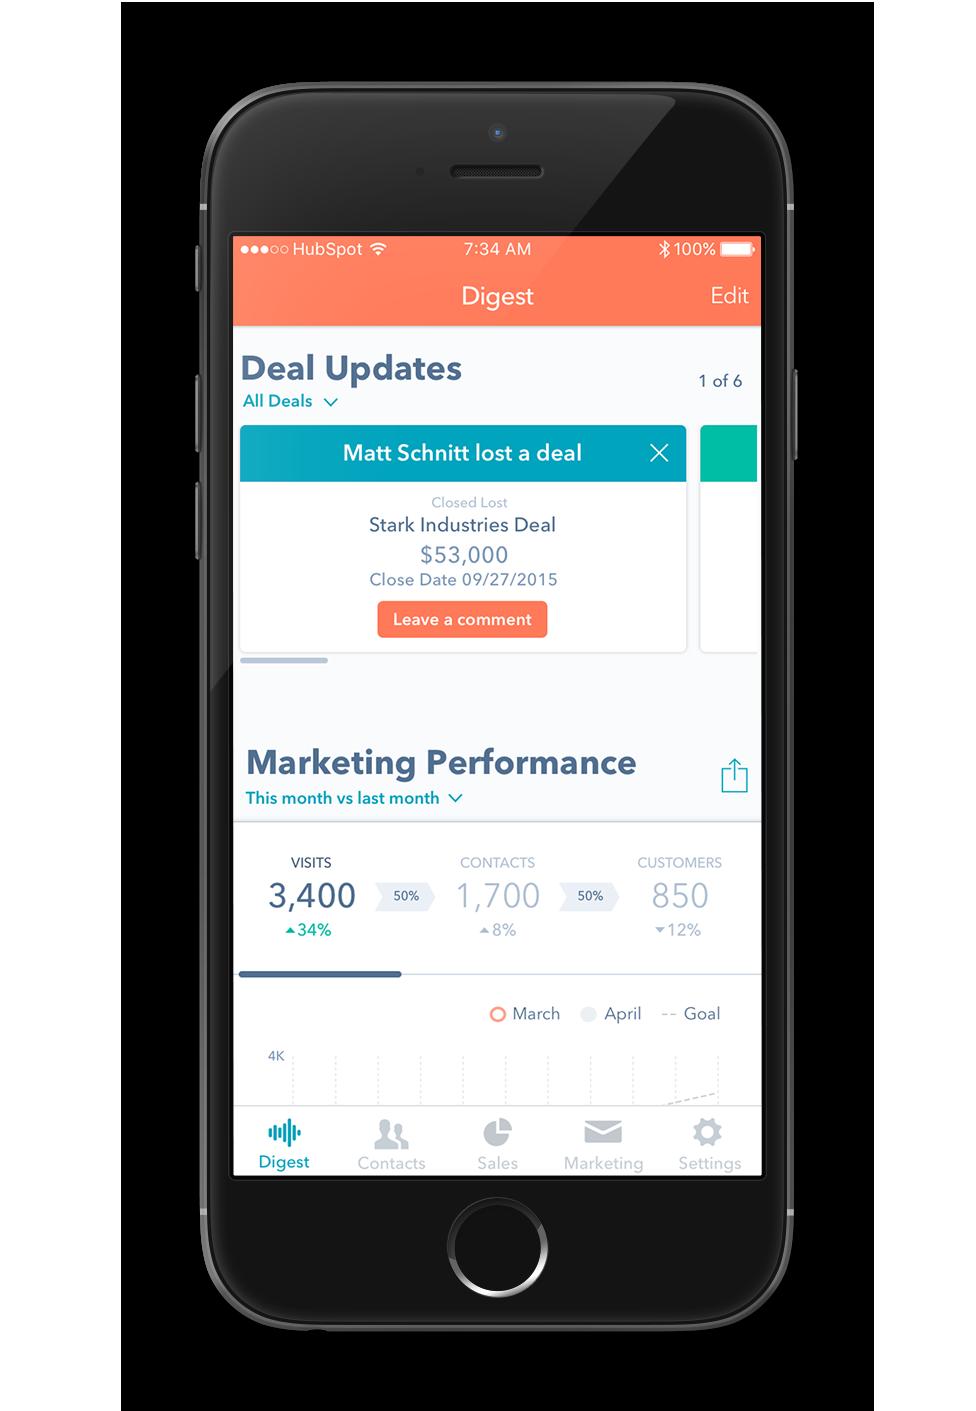 HubSpot's Mobile App